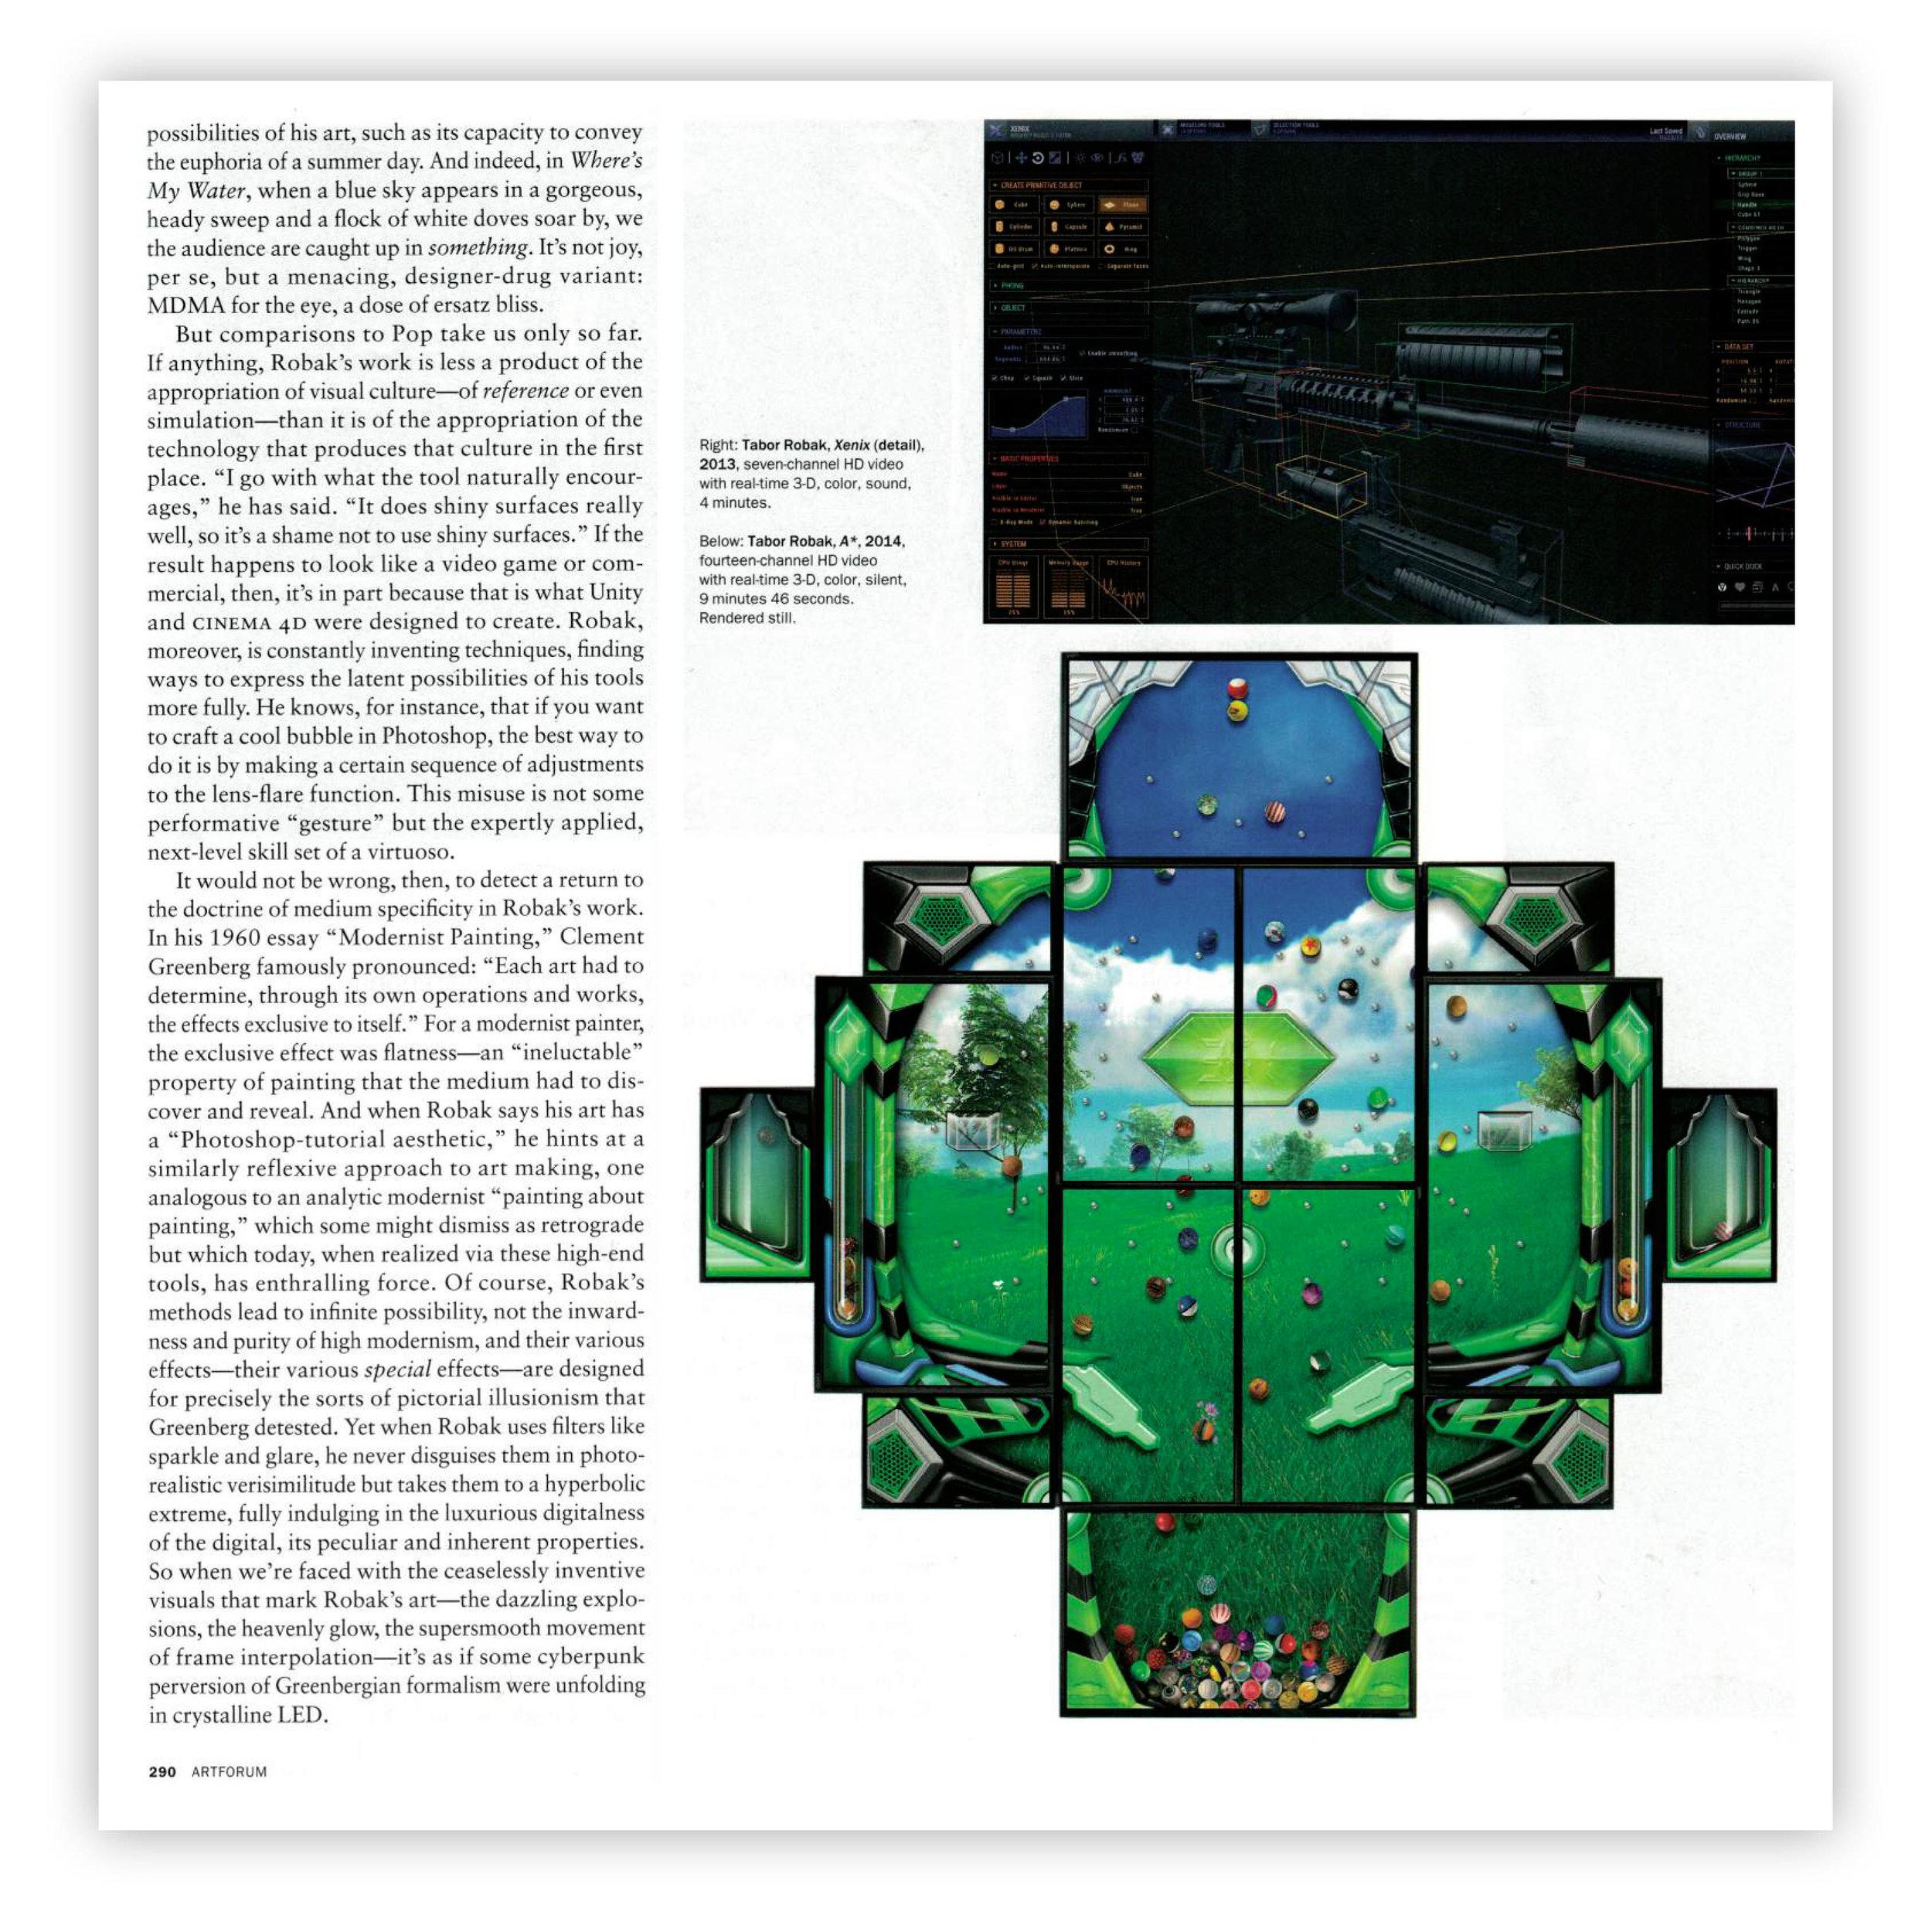 af scan cover 3.jpg